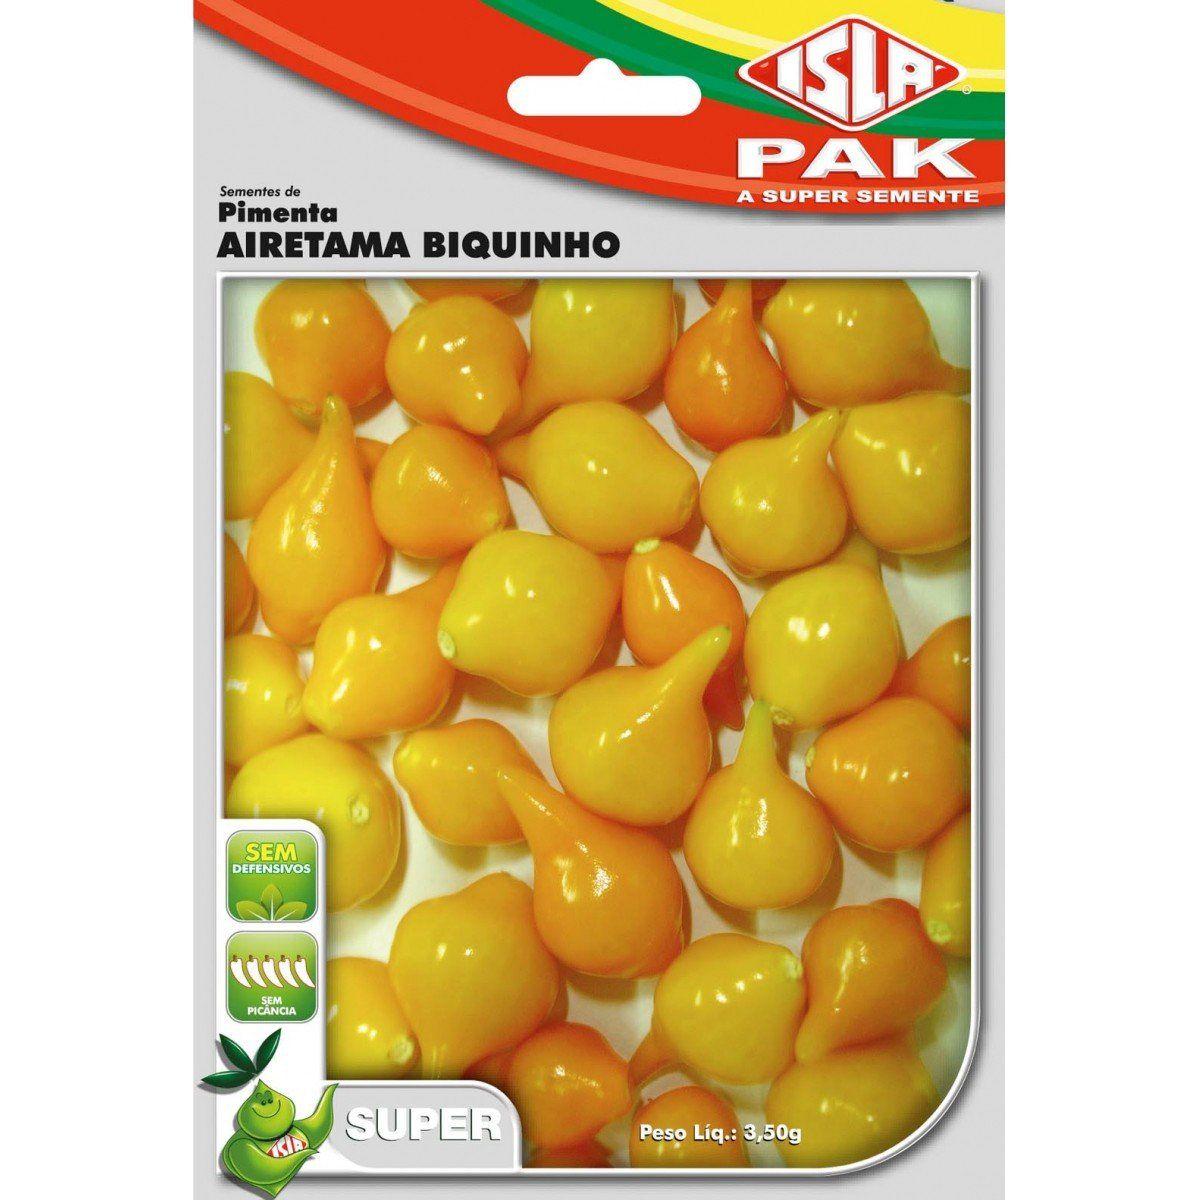 Sementes de Pimenta Airetama Biquinho Amarela - Isla Superpak